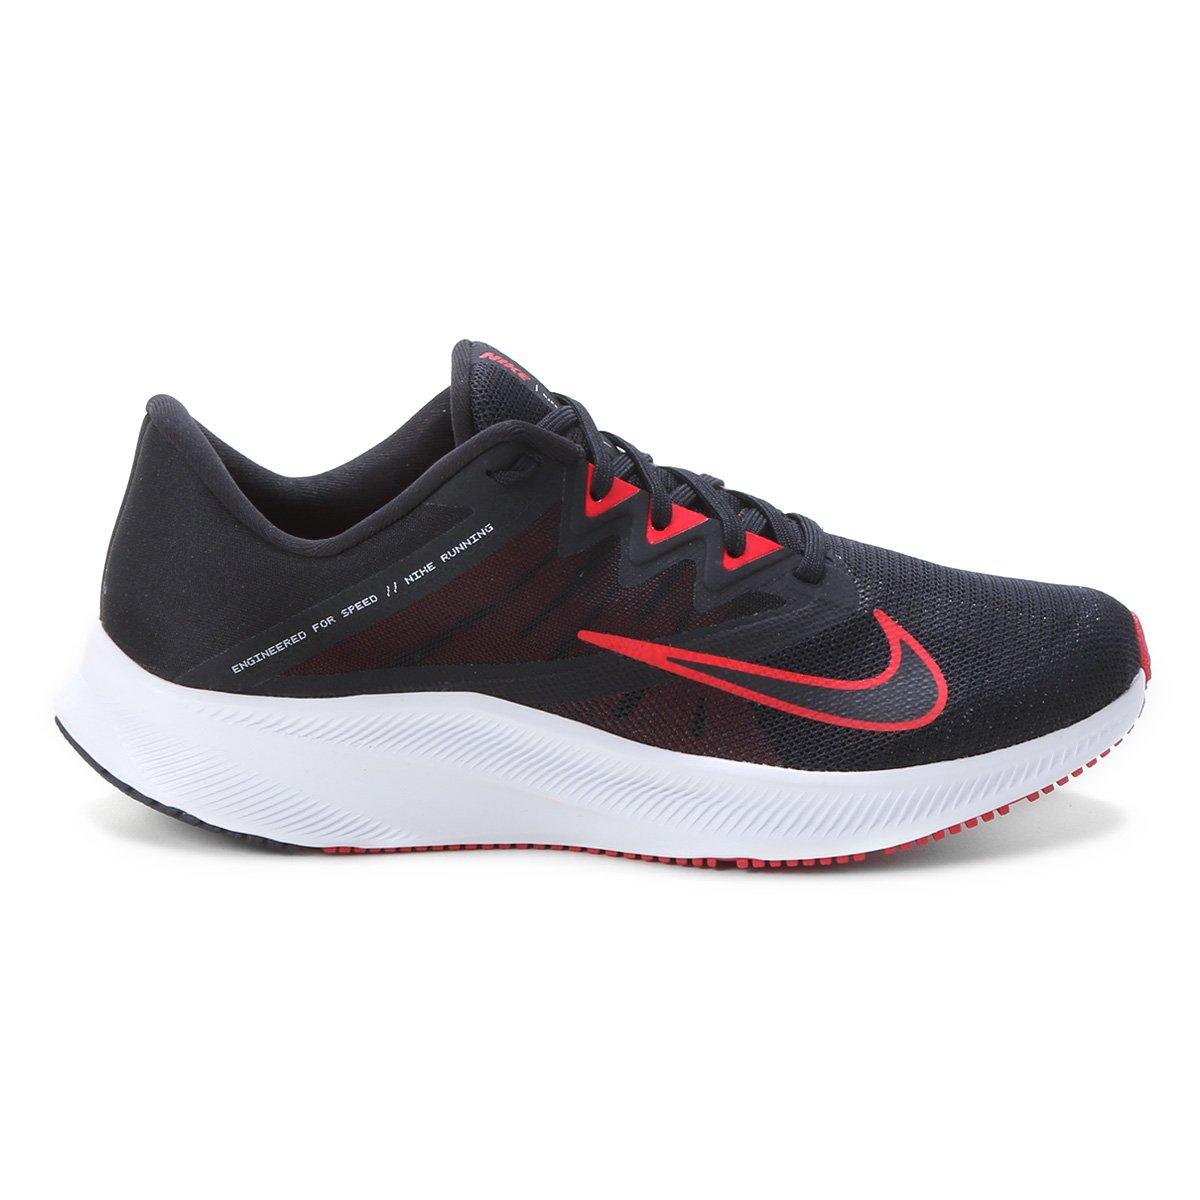 Tenis Nike Masc Ref Cd0230